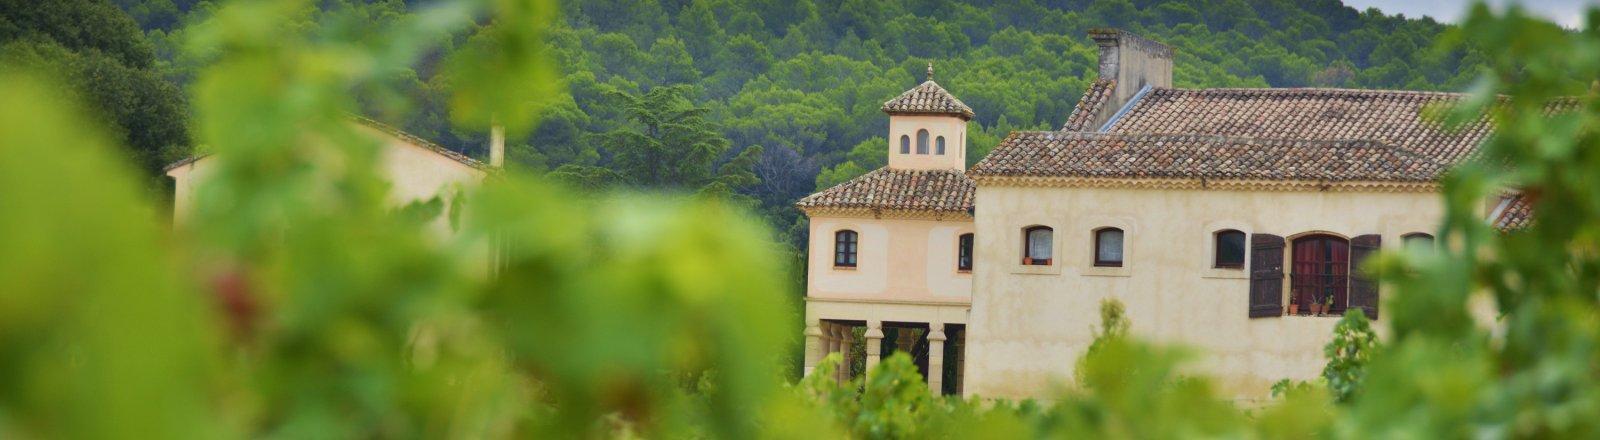 Terrasses du Larzac - Château Capion © Olivier Diaz de Zarate